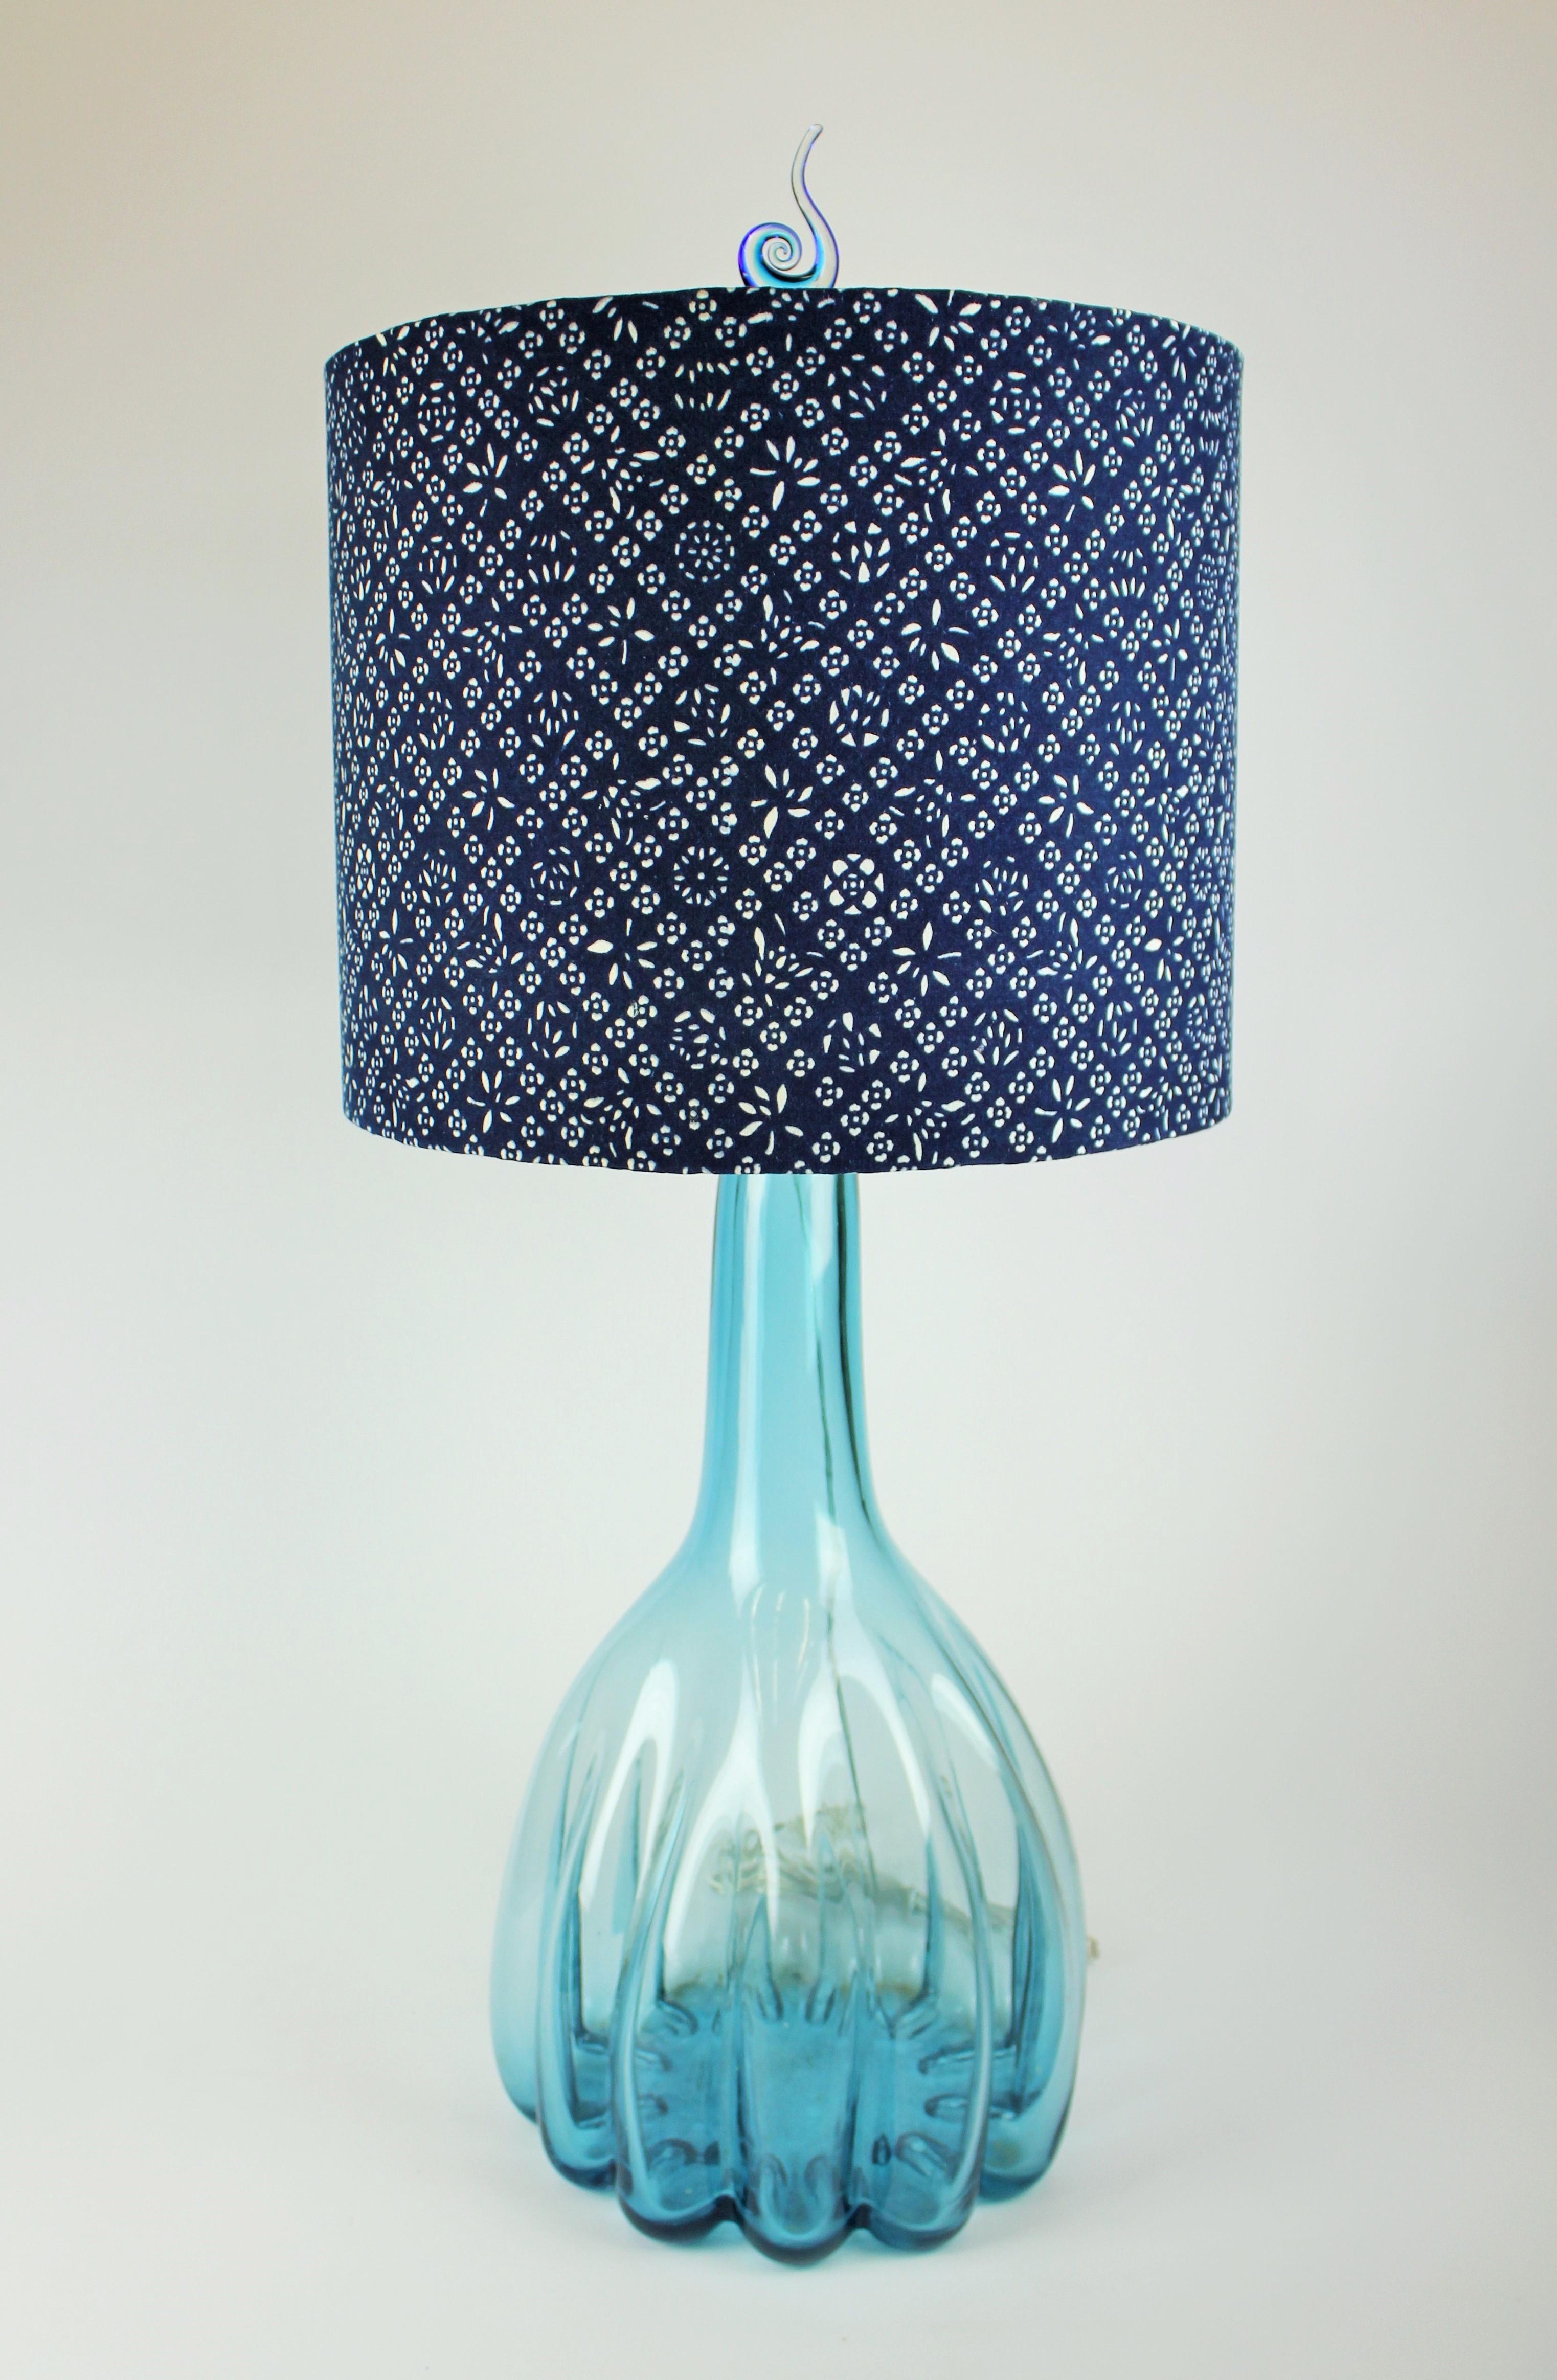 Lamp Shade Specialties 10578 W Pico Blvd Los Angeles Ca